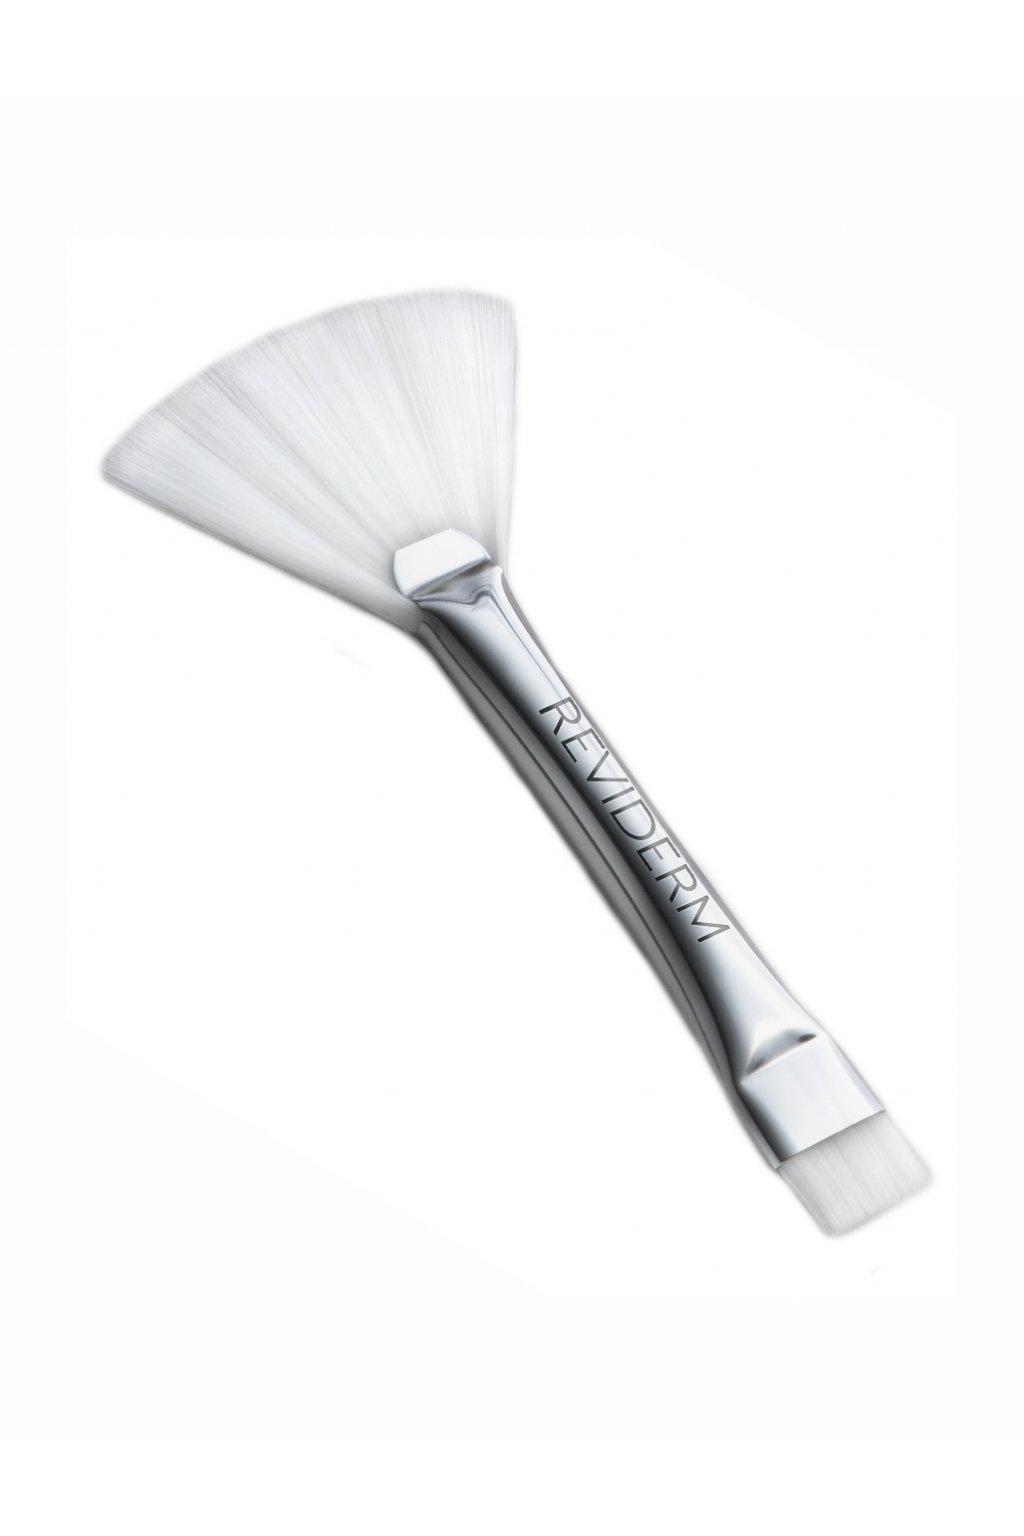 80931 facial mask brush